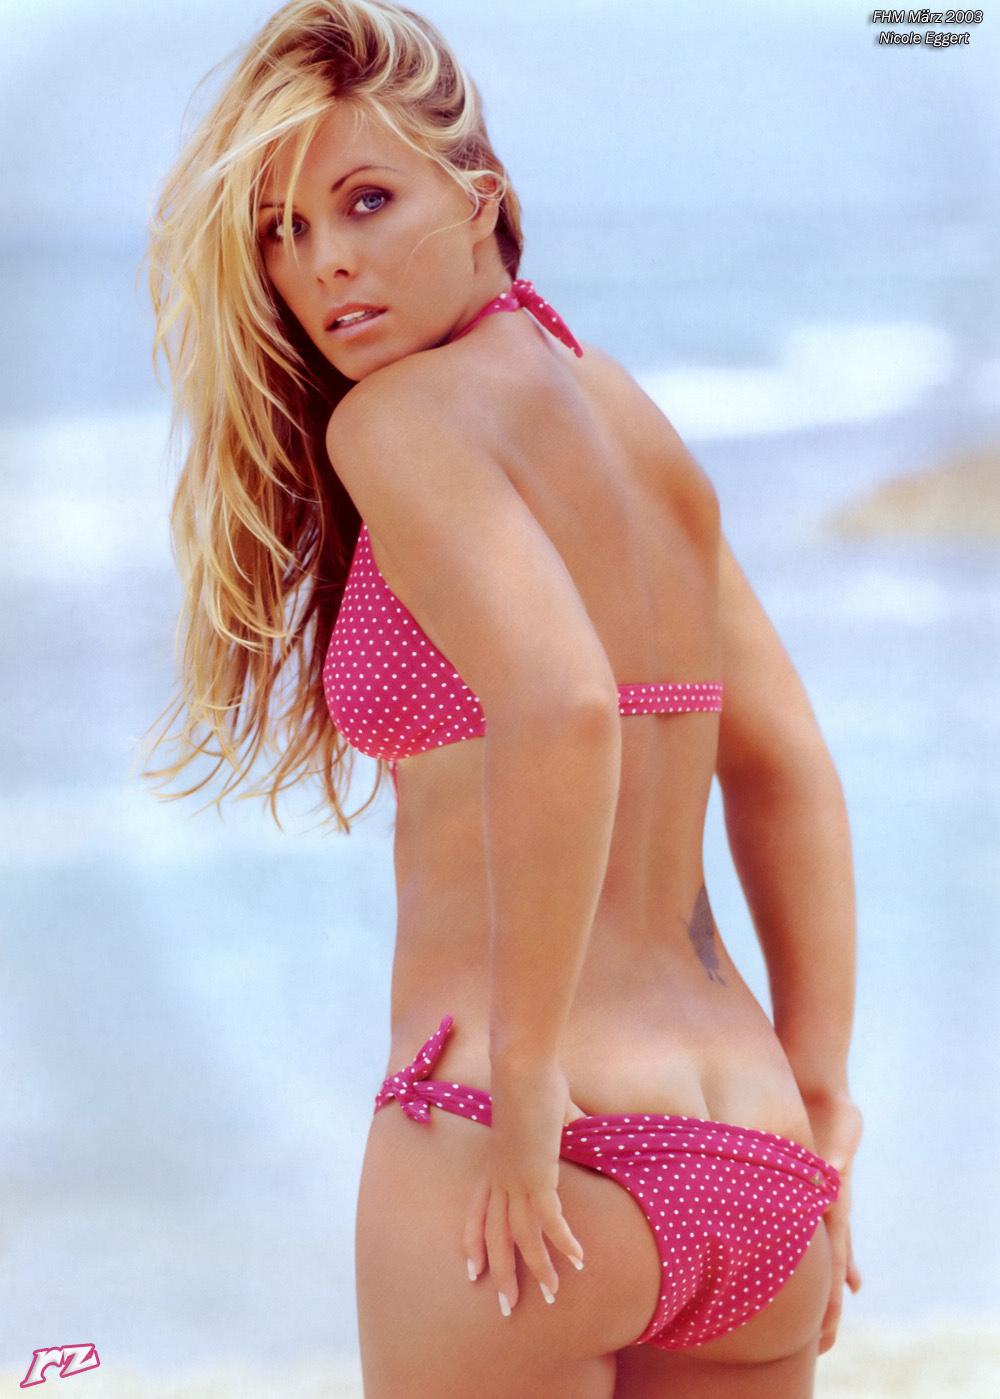 Nicole Eggert in a bikini - ass